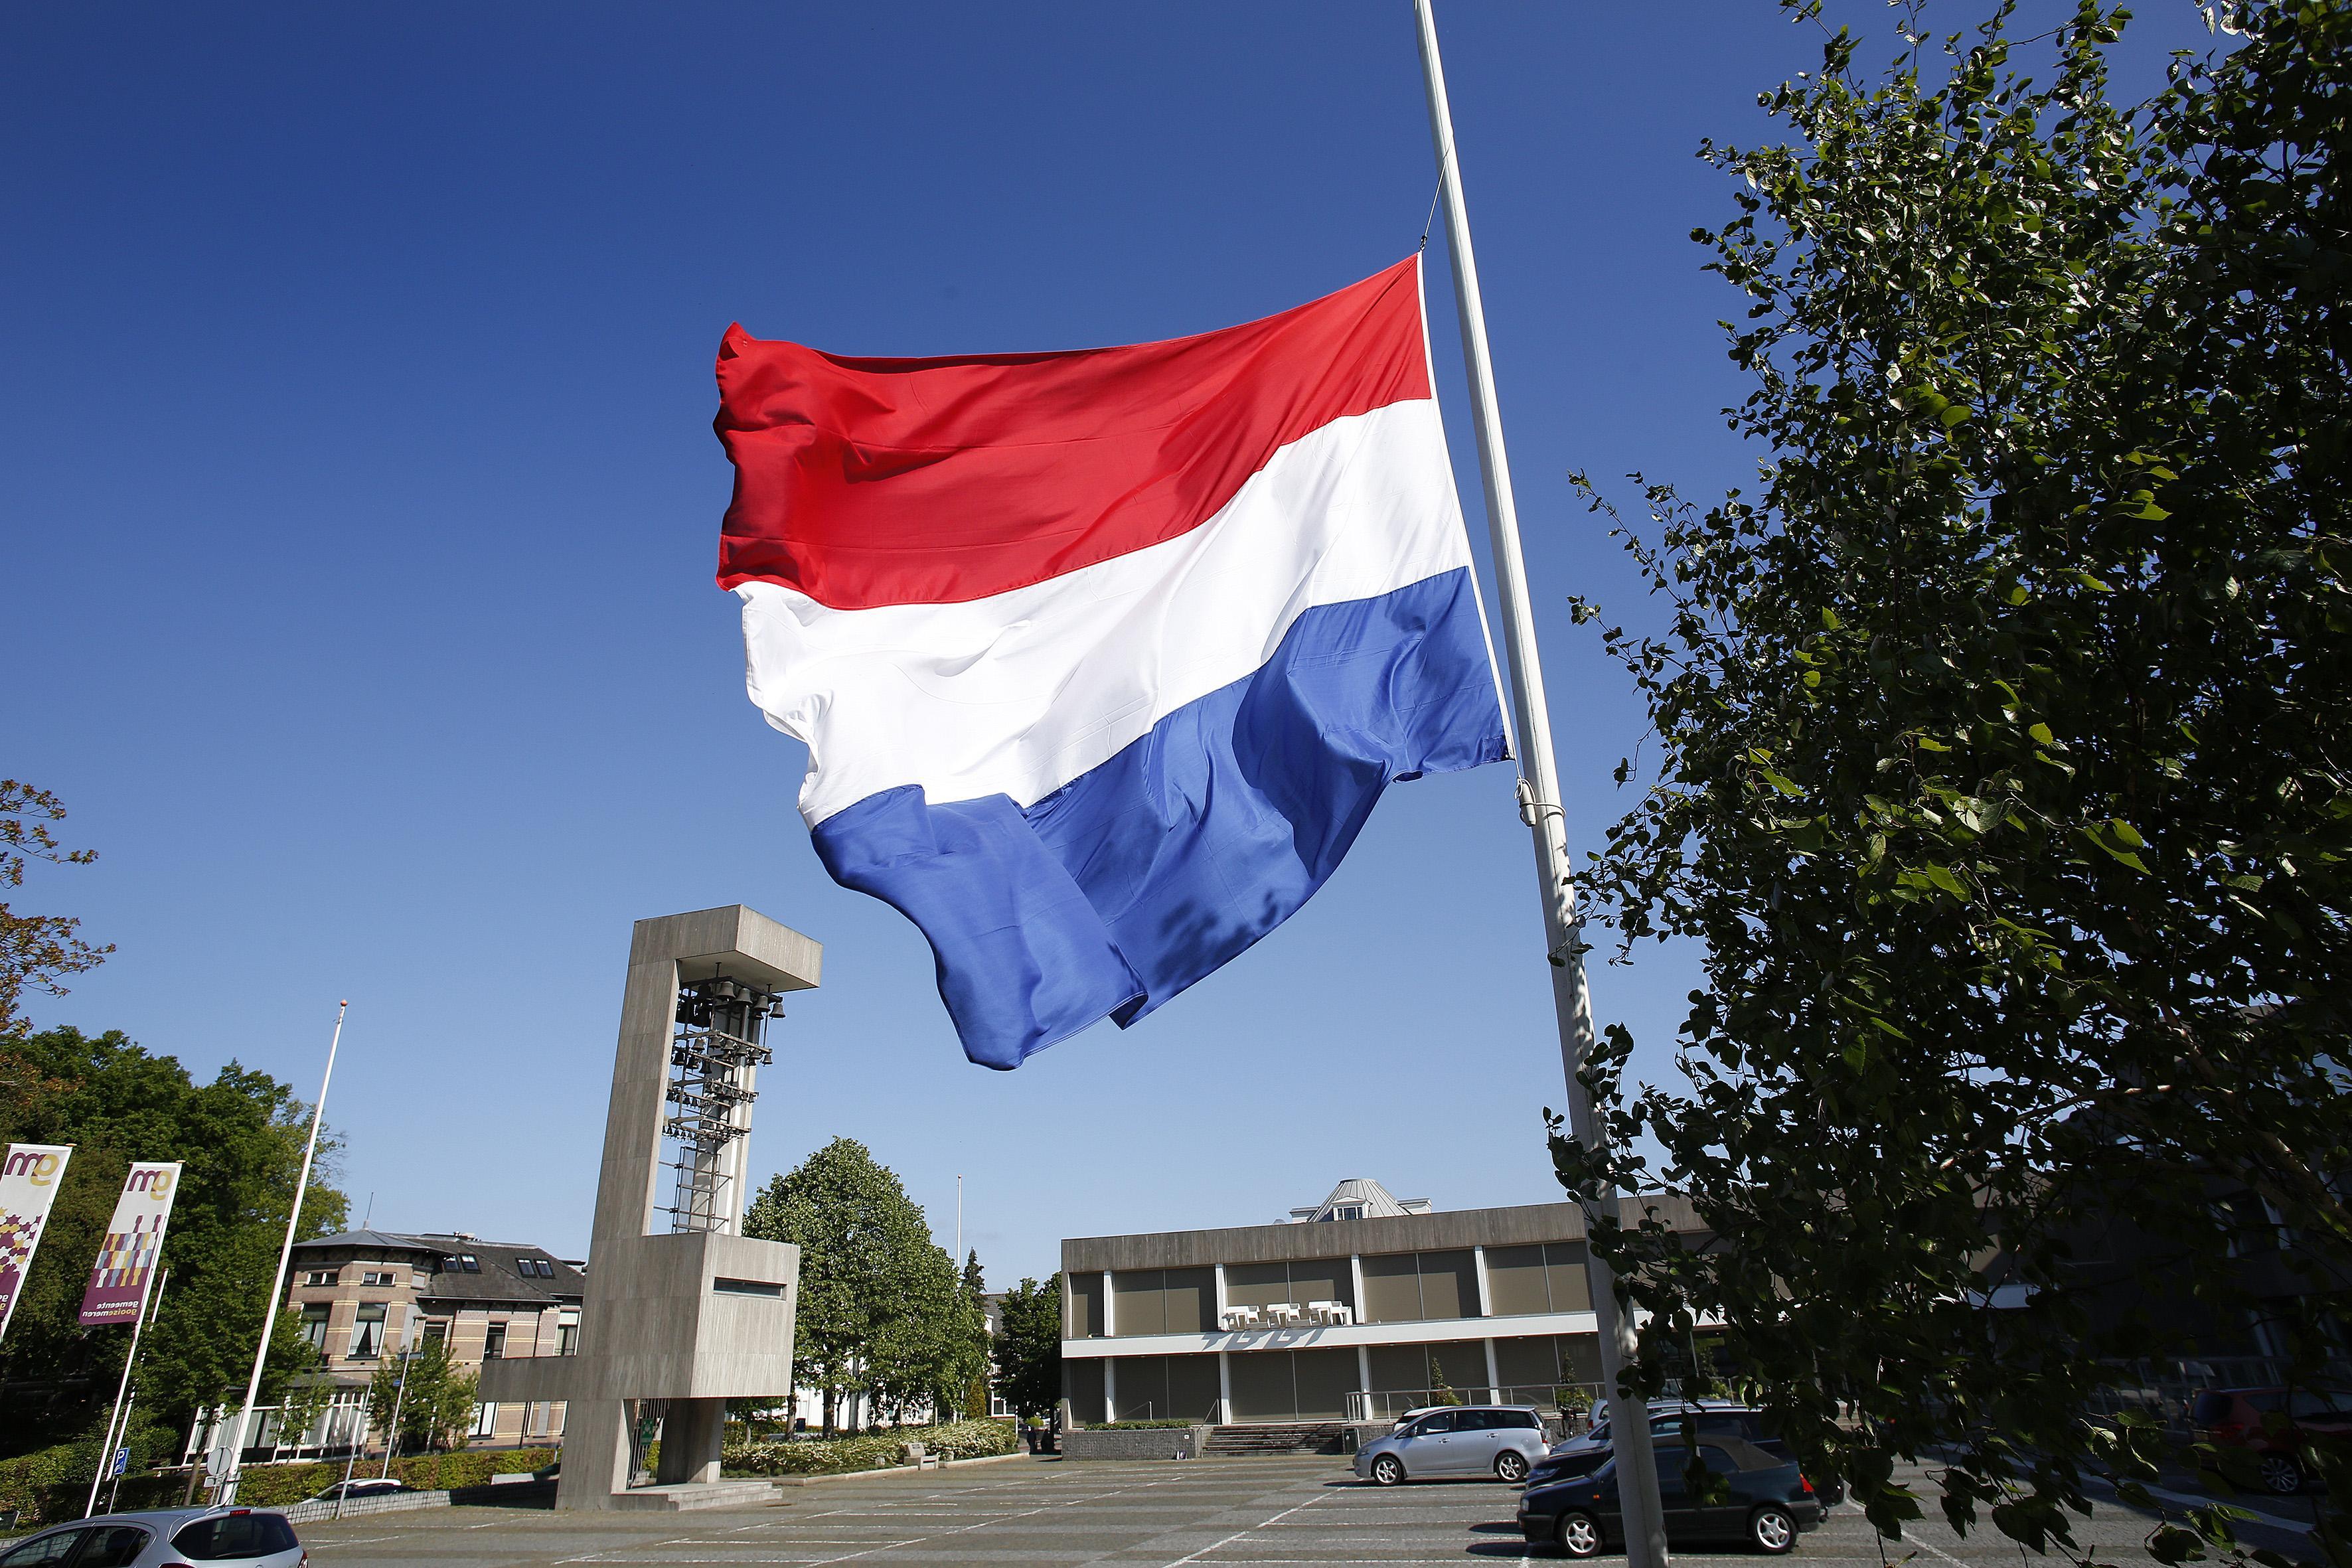 Rapport wijst uit dat drie vlaglocaties Gooise Meren inderdaad onveilig zijn